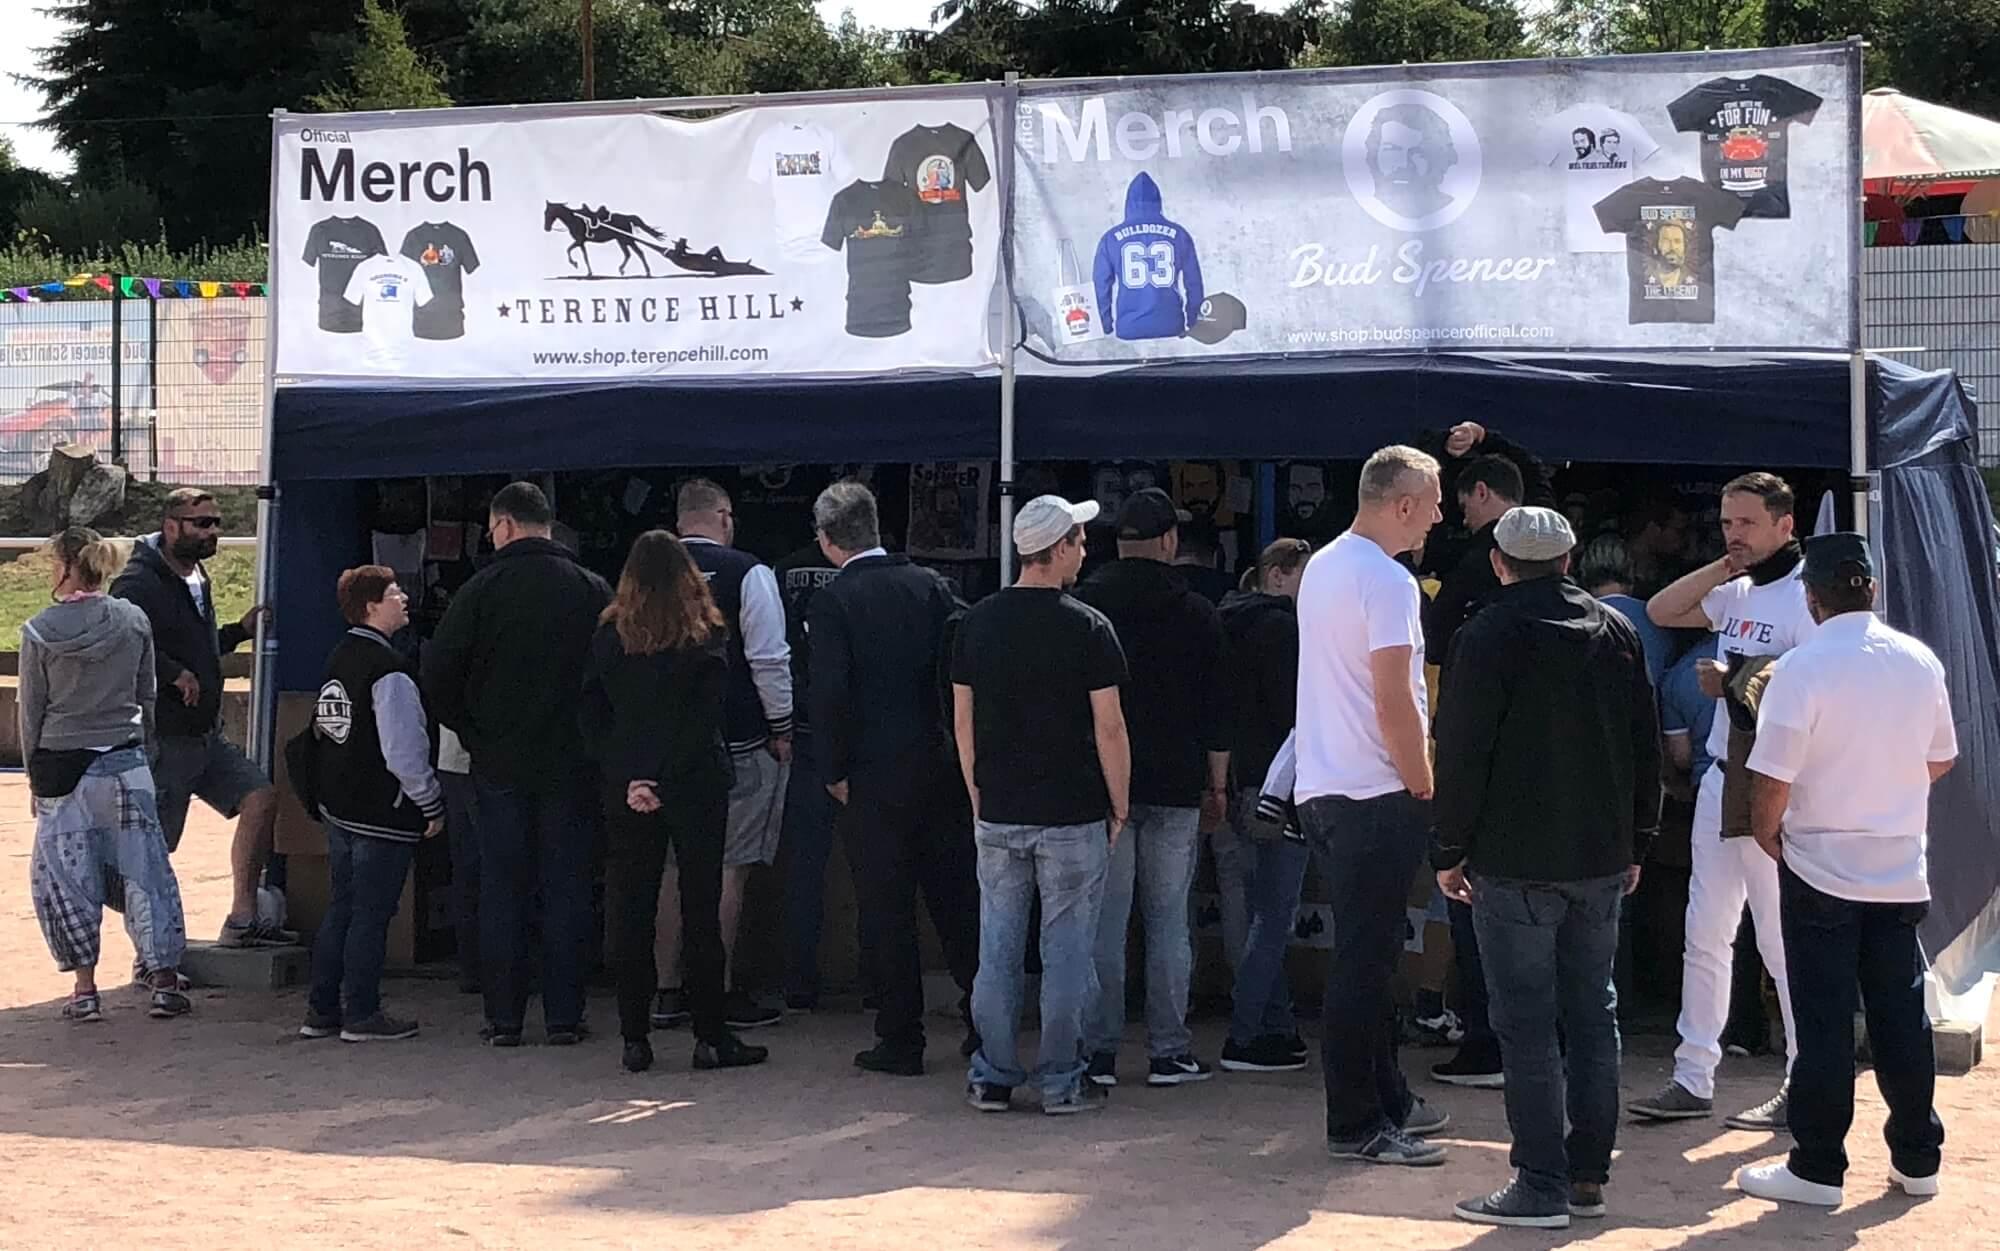 Strickmützen, Badetücher, Banner <br>Merchandise für Fans von Bud Spencer und Terence Hill